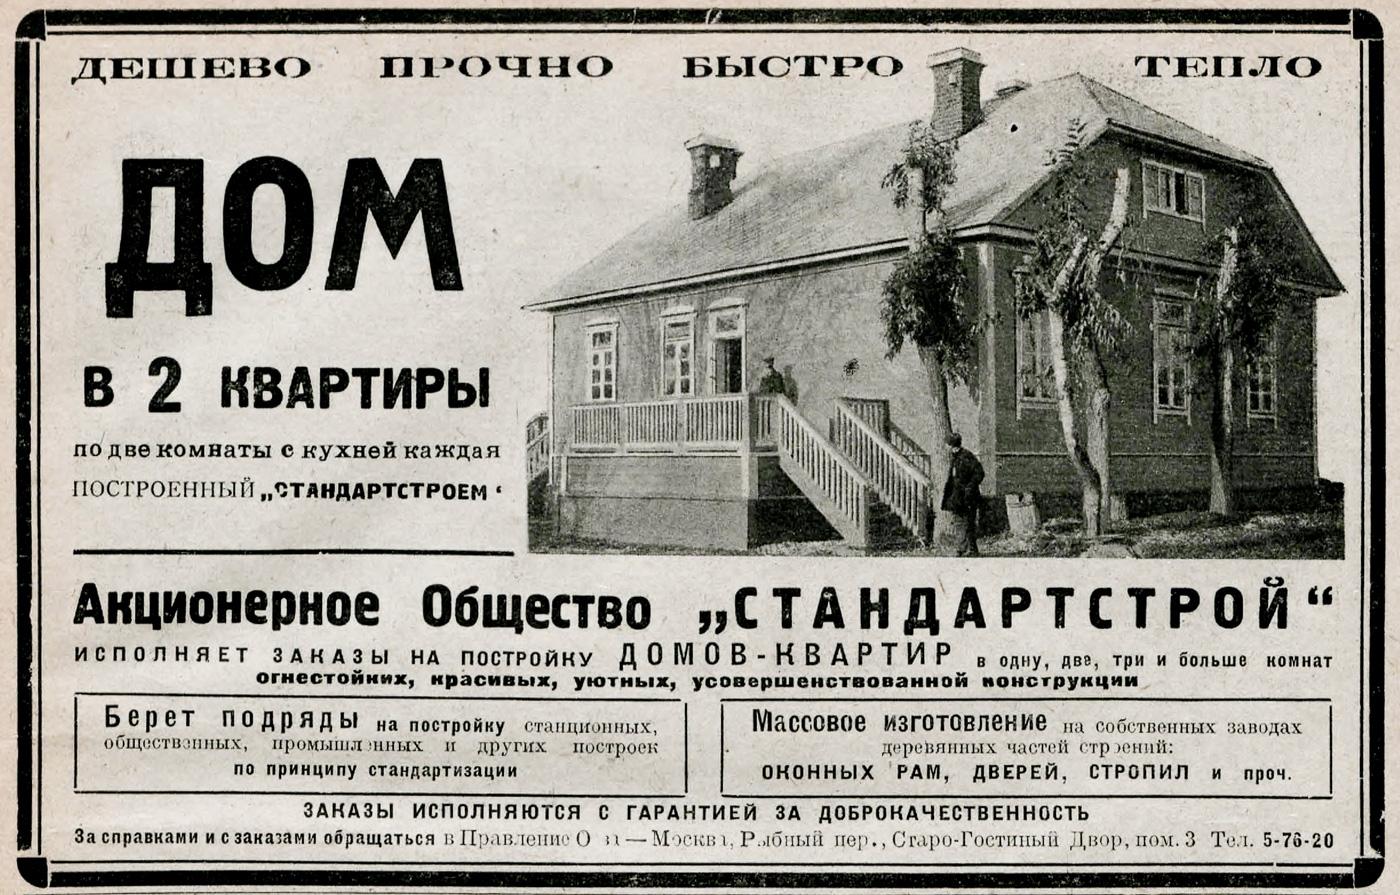 """""""Дешево, прочно, быстро, тепло"""", СССР, 1925 год"""